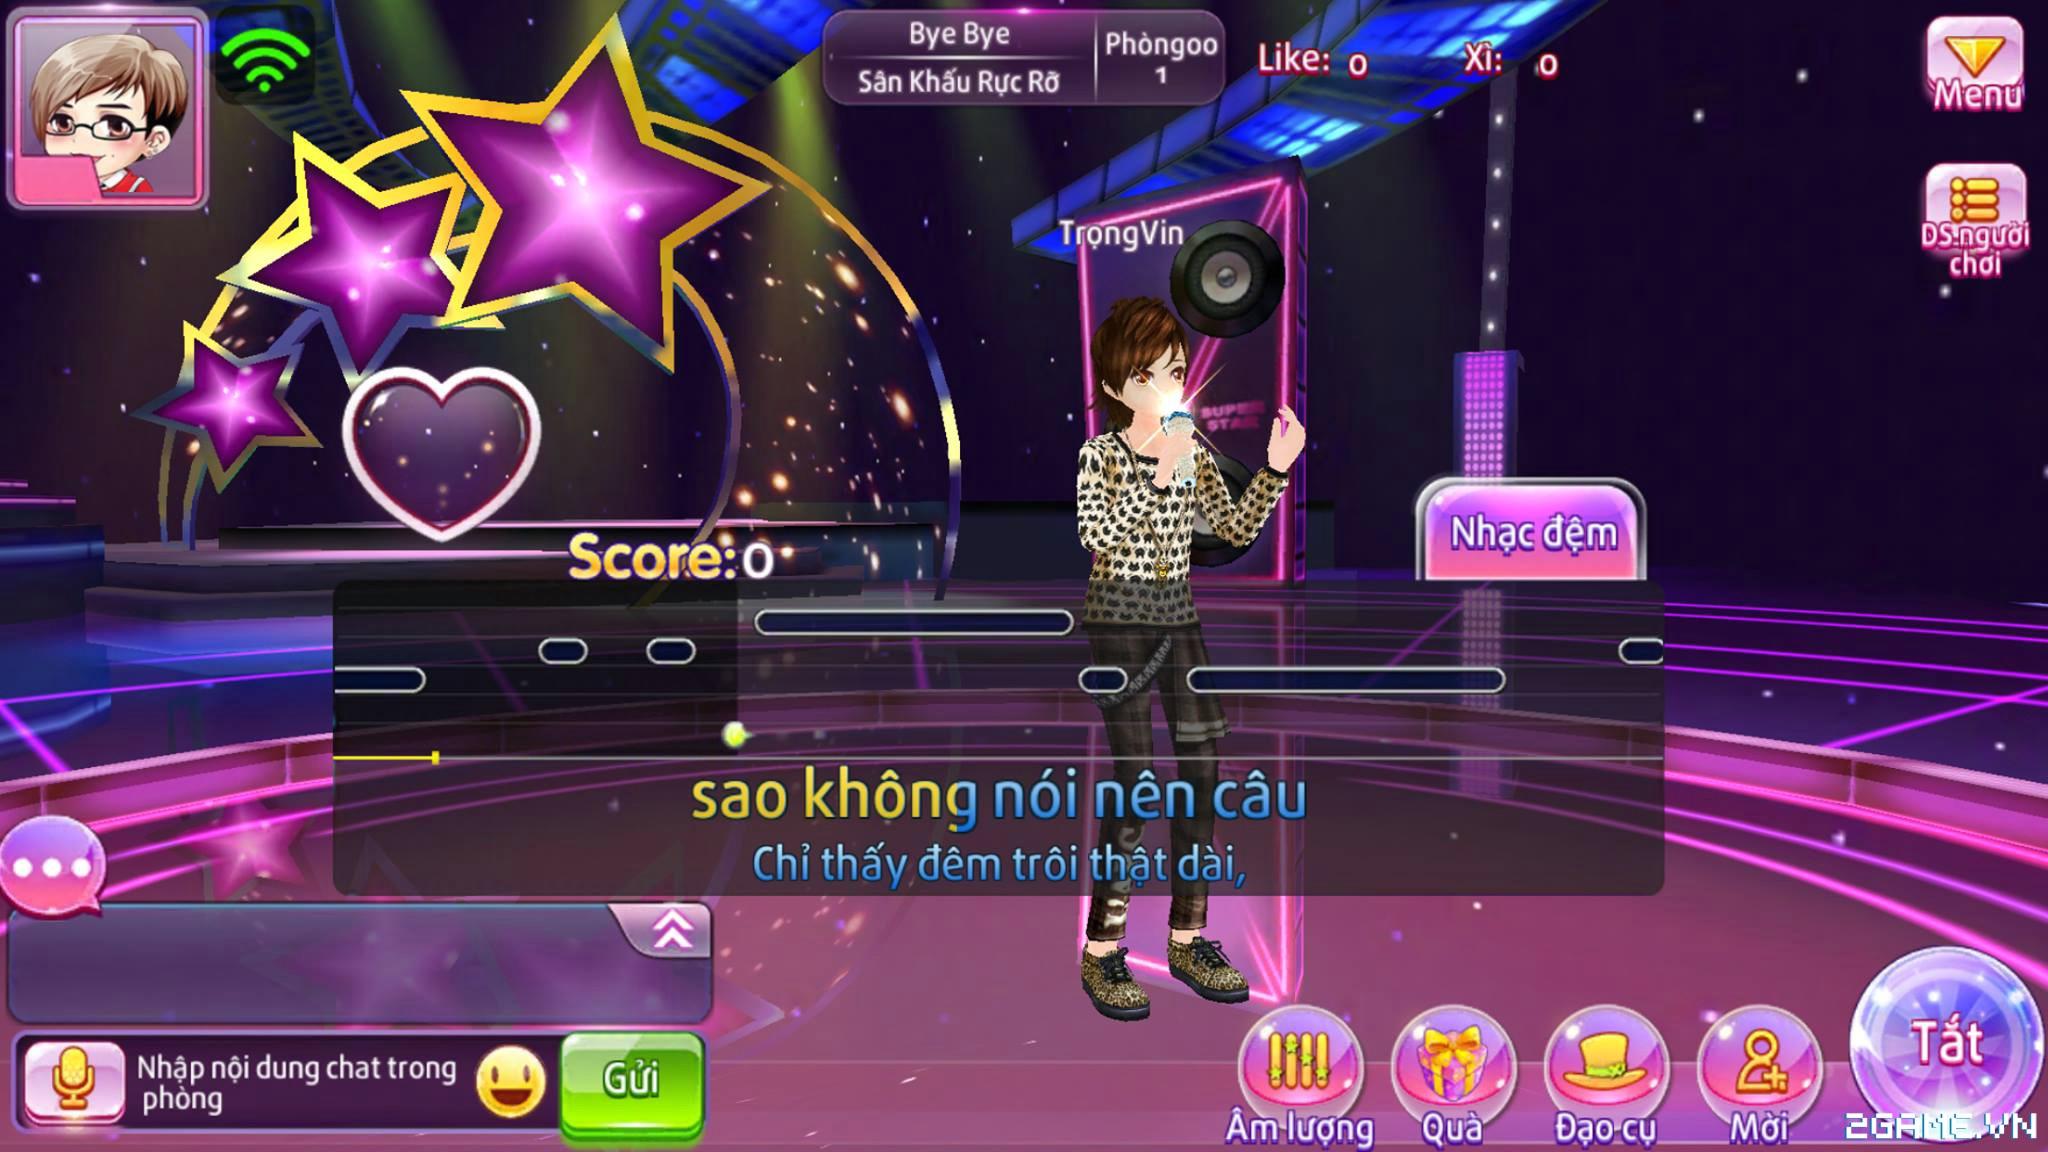 4 tựa game online mới đã chọn được ngày ra mắt tại Việt Nam 0